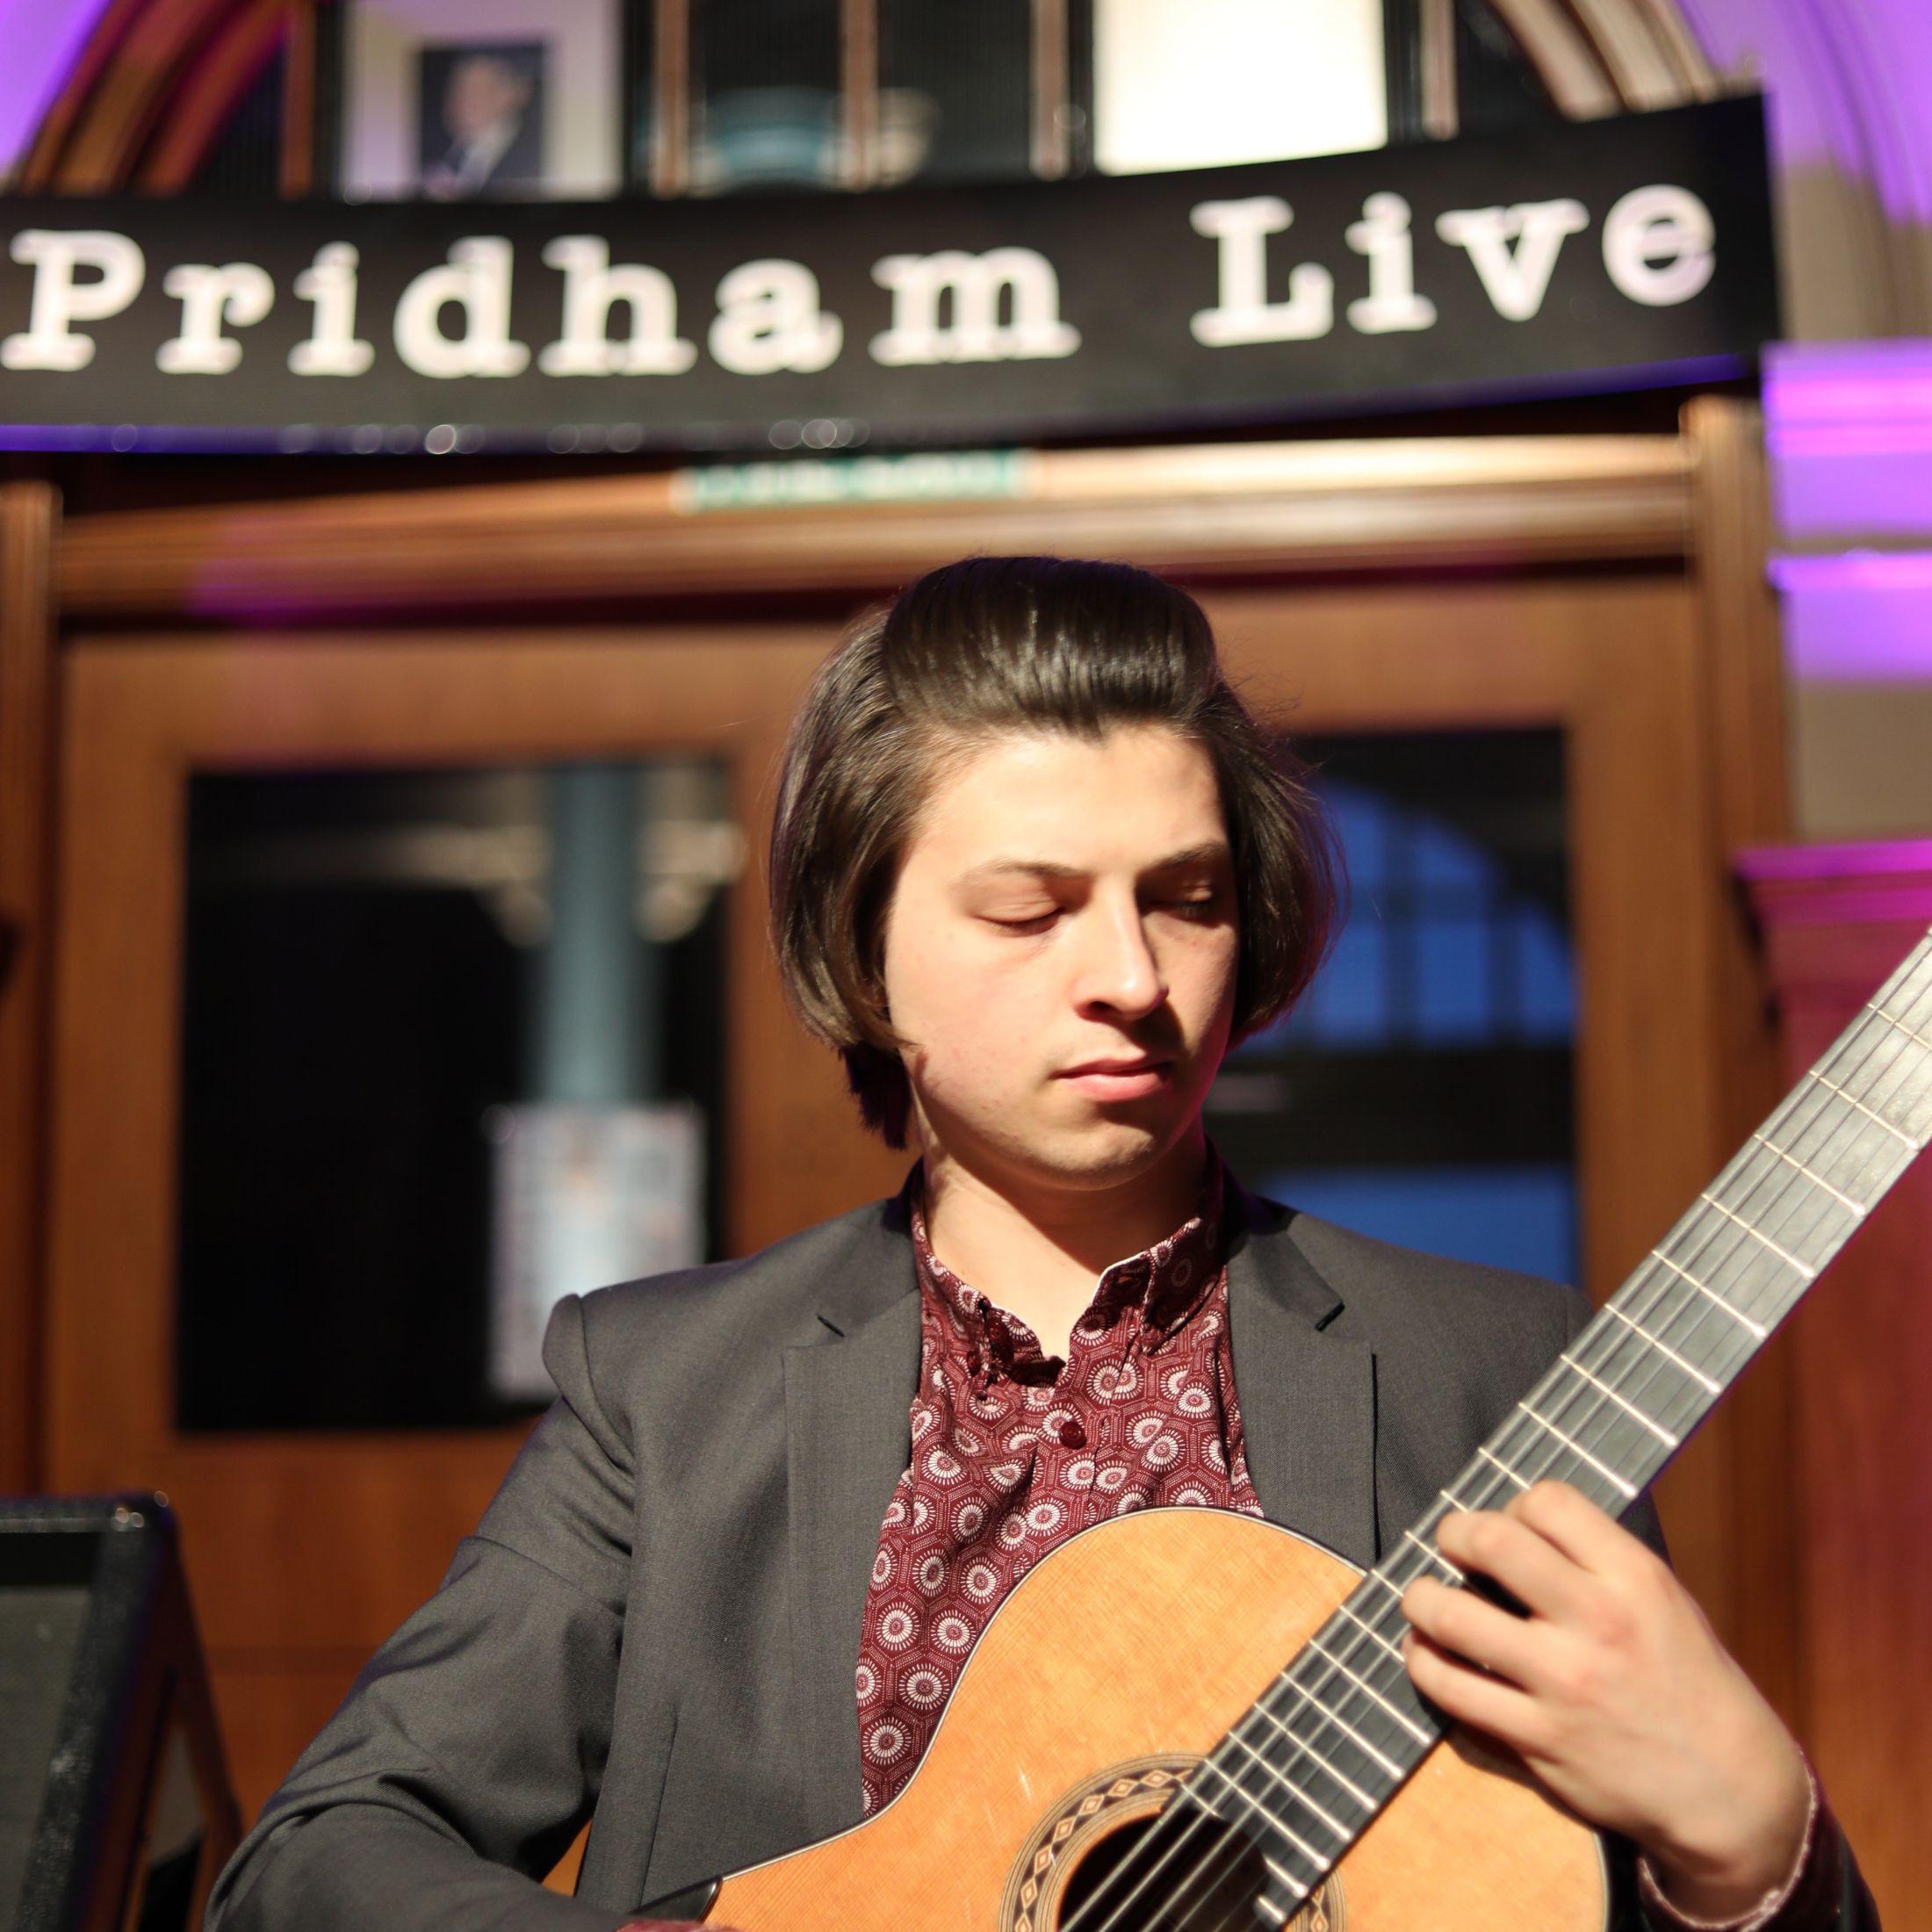 Pridham Live